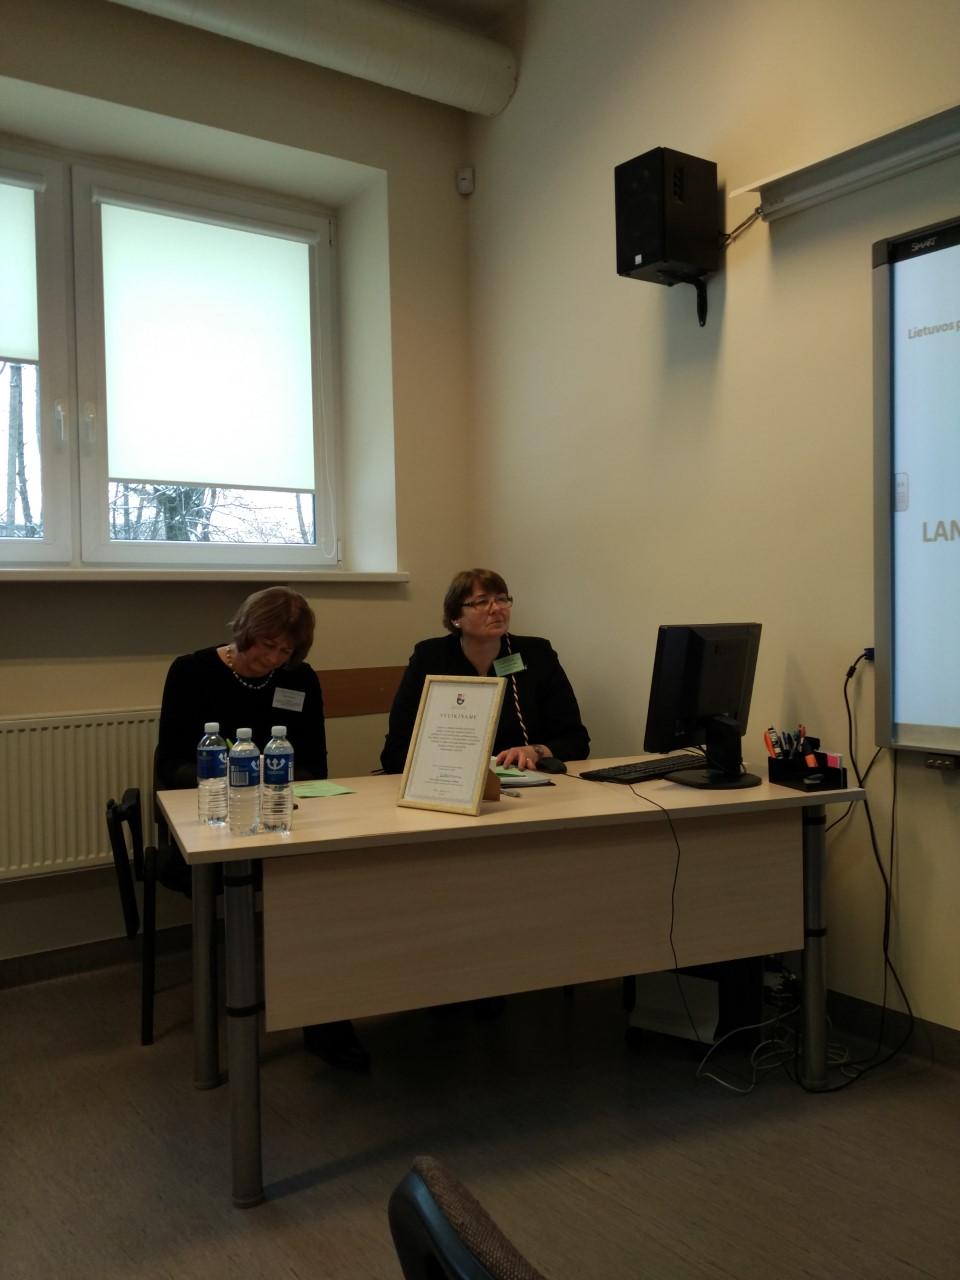 Pirmininkauja Prof. Dr. Raimonda Brunevičiūtė (LSMU) ir Lietuvos prancūzų kalbos mokytojų ir dėstytojų asociacijos prezidentė Vilija Sušinskienė